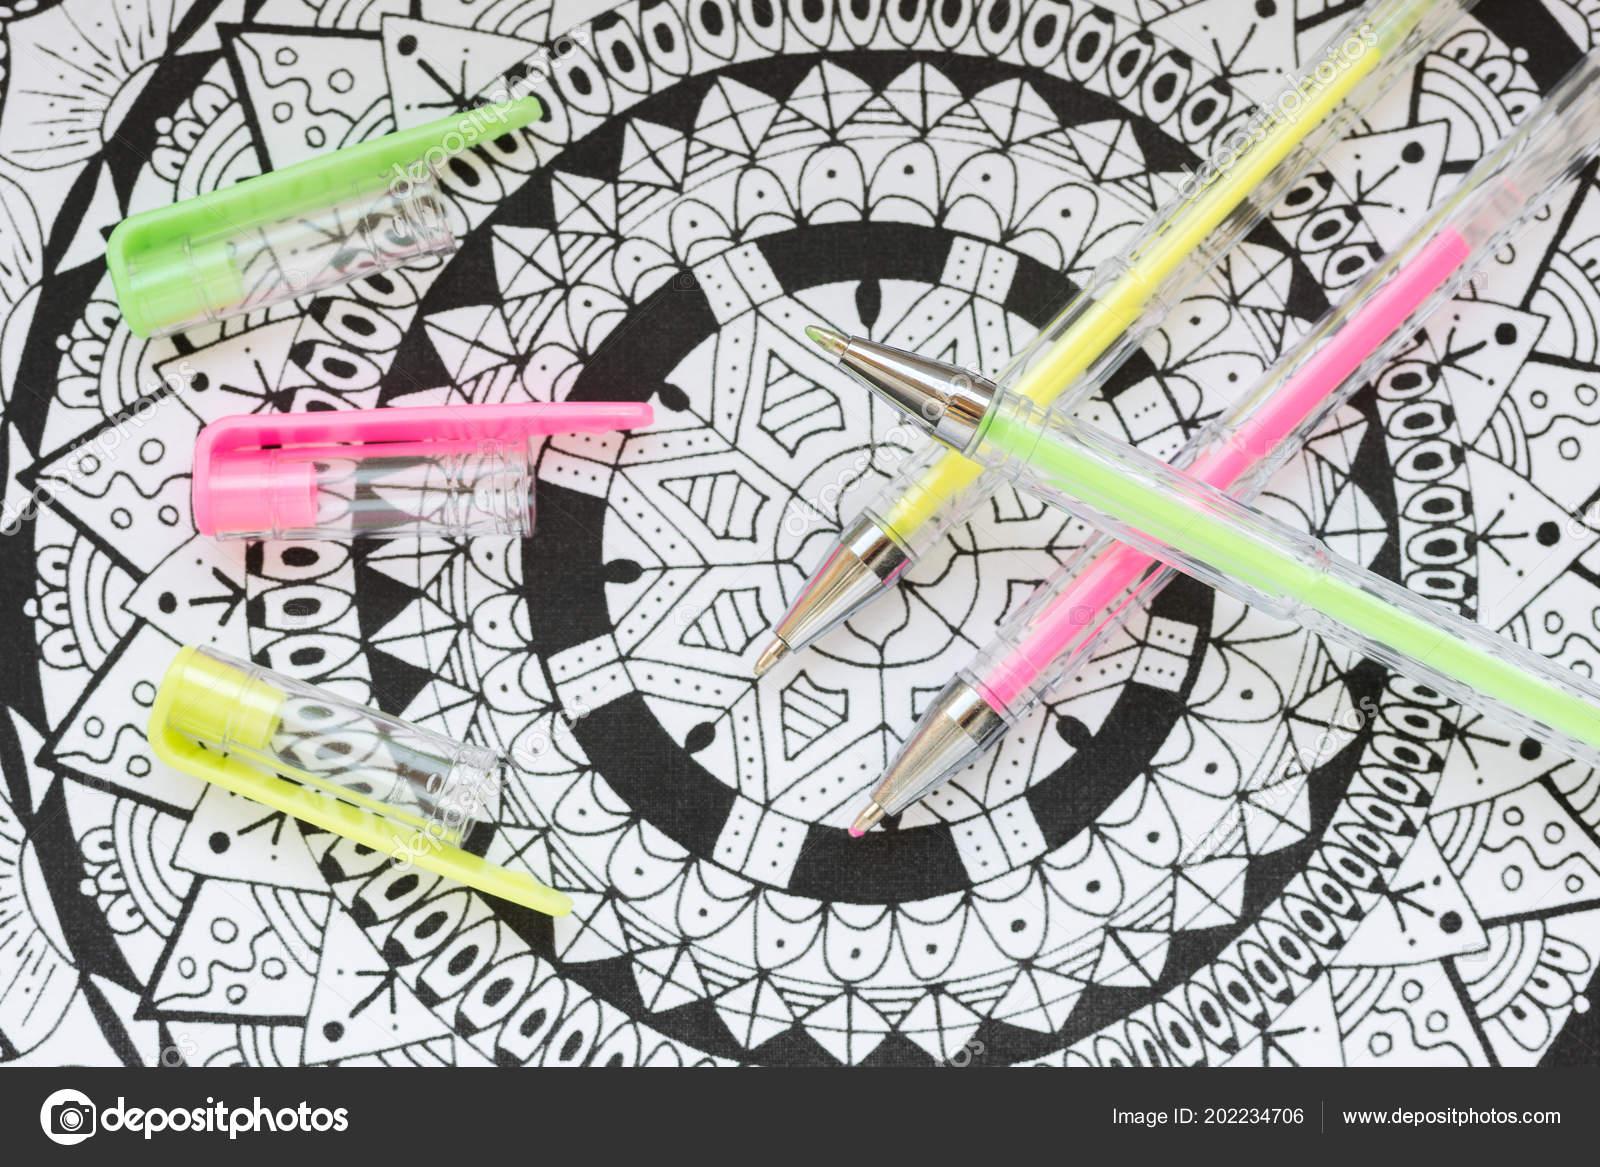 Nieuwe Kleurplaten Voor Volwassenen.Kleurboek Voor Volwassenen Nieuwe Stress Verlichten Van Trend